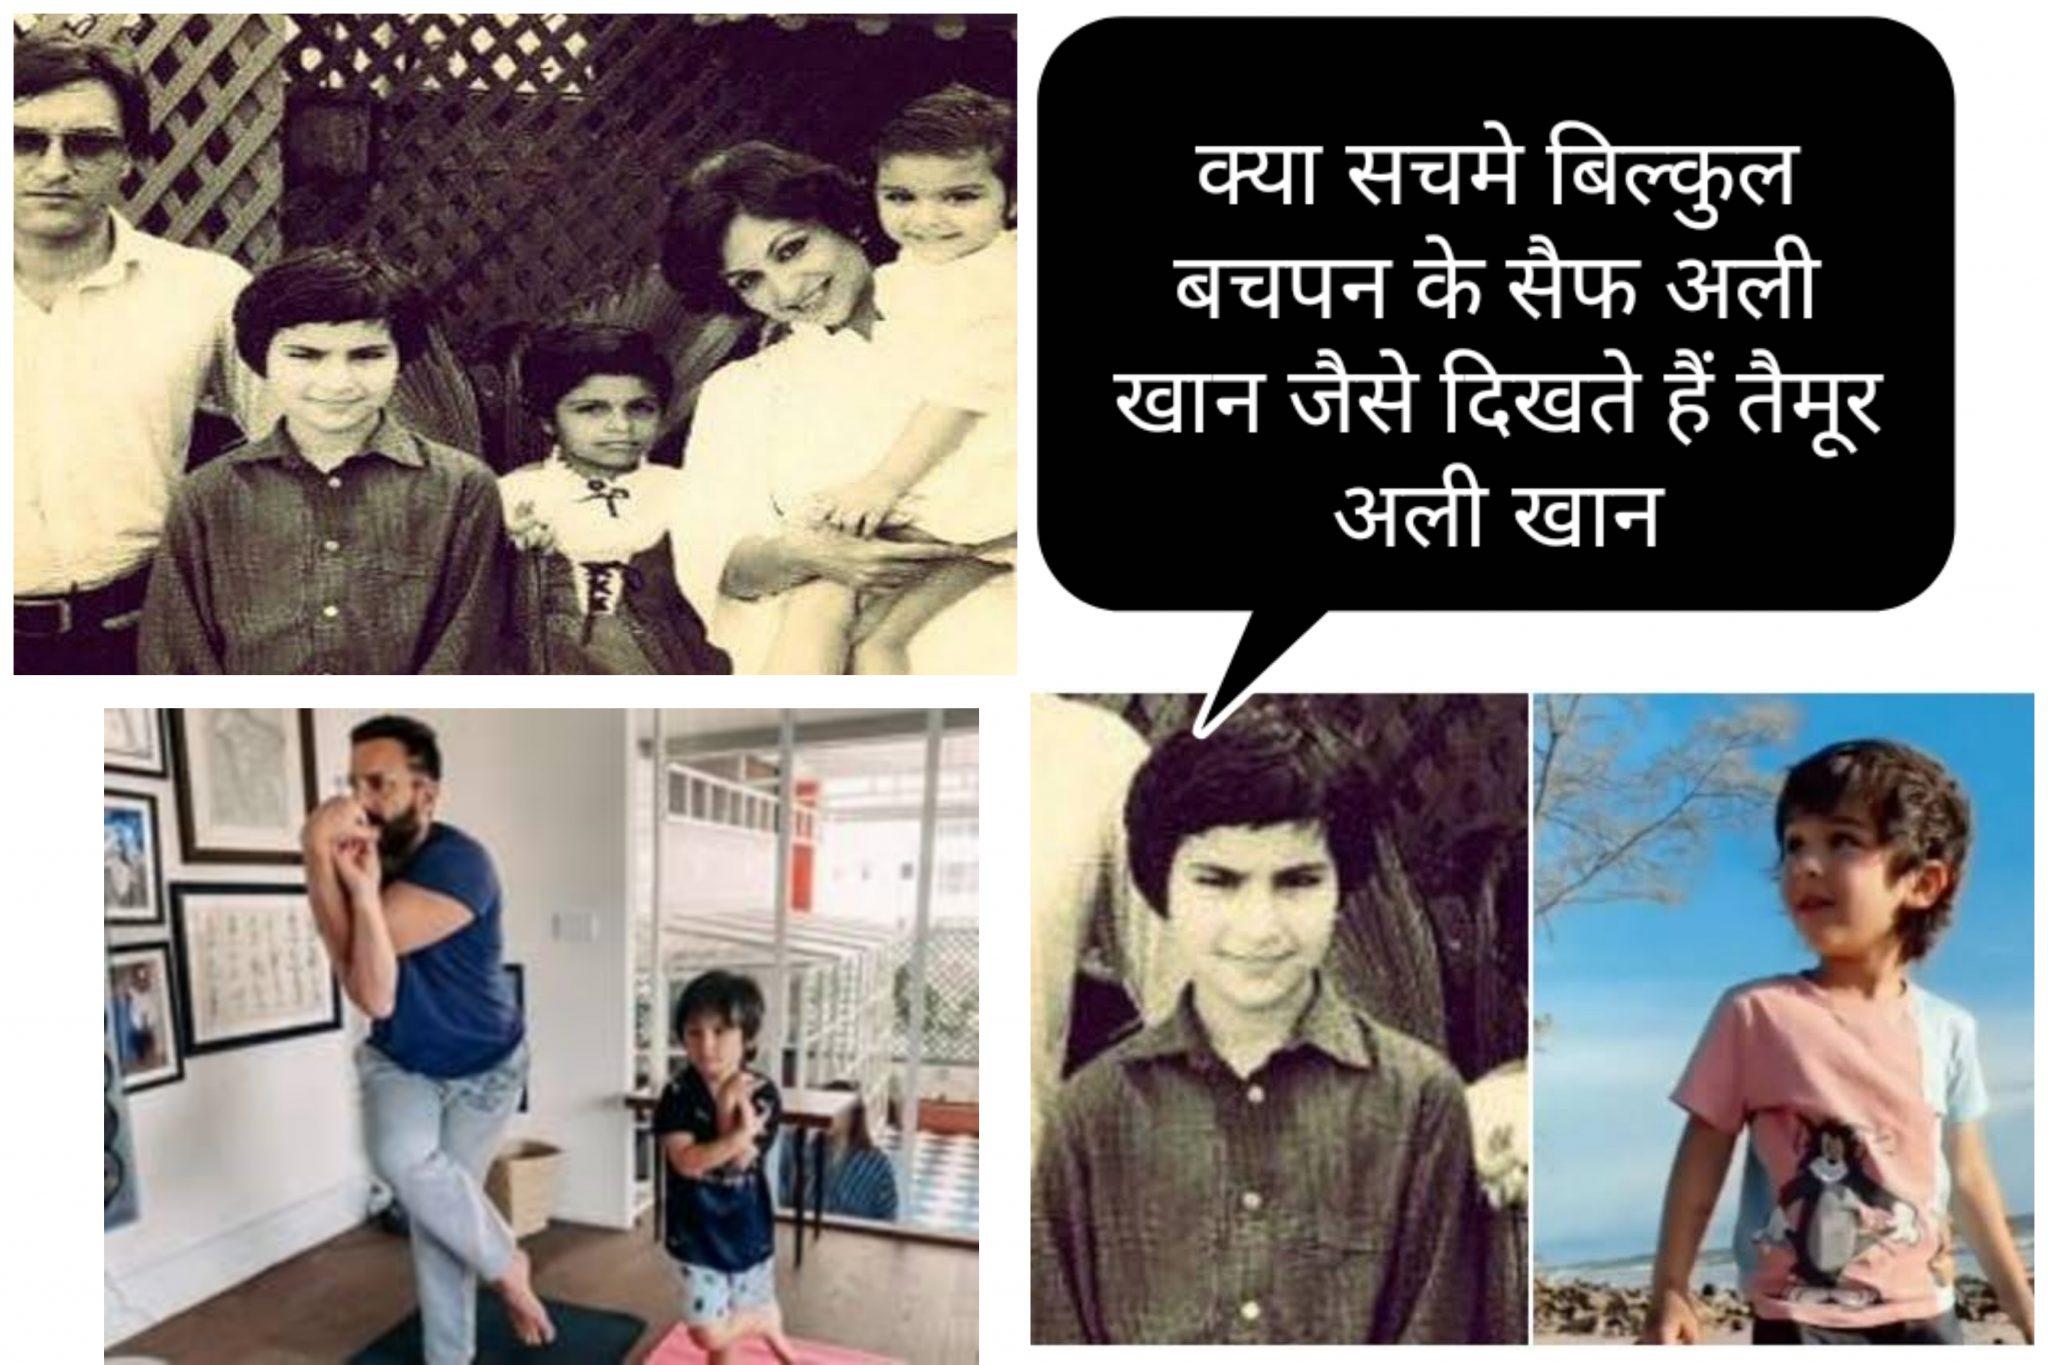 क्या सचमे बिल्कुल बचपन के सैफ अली खान जैसे दिखते हैं तैमूर अली खान